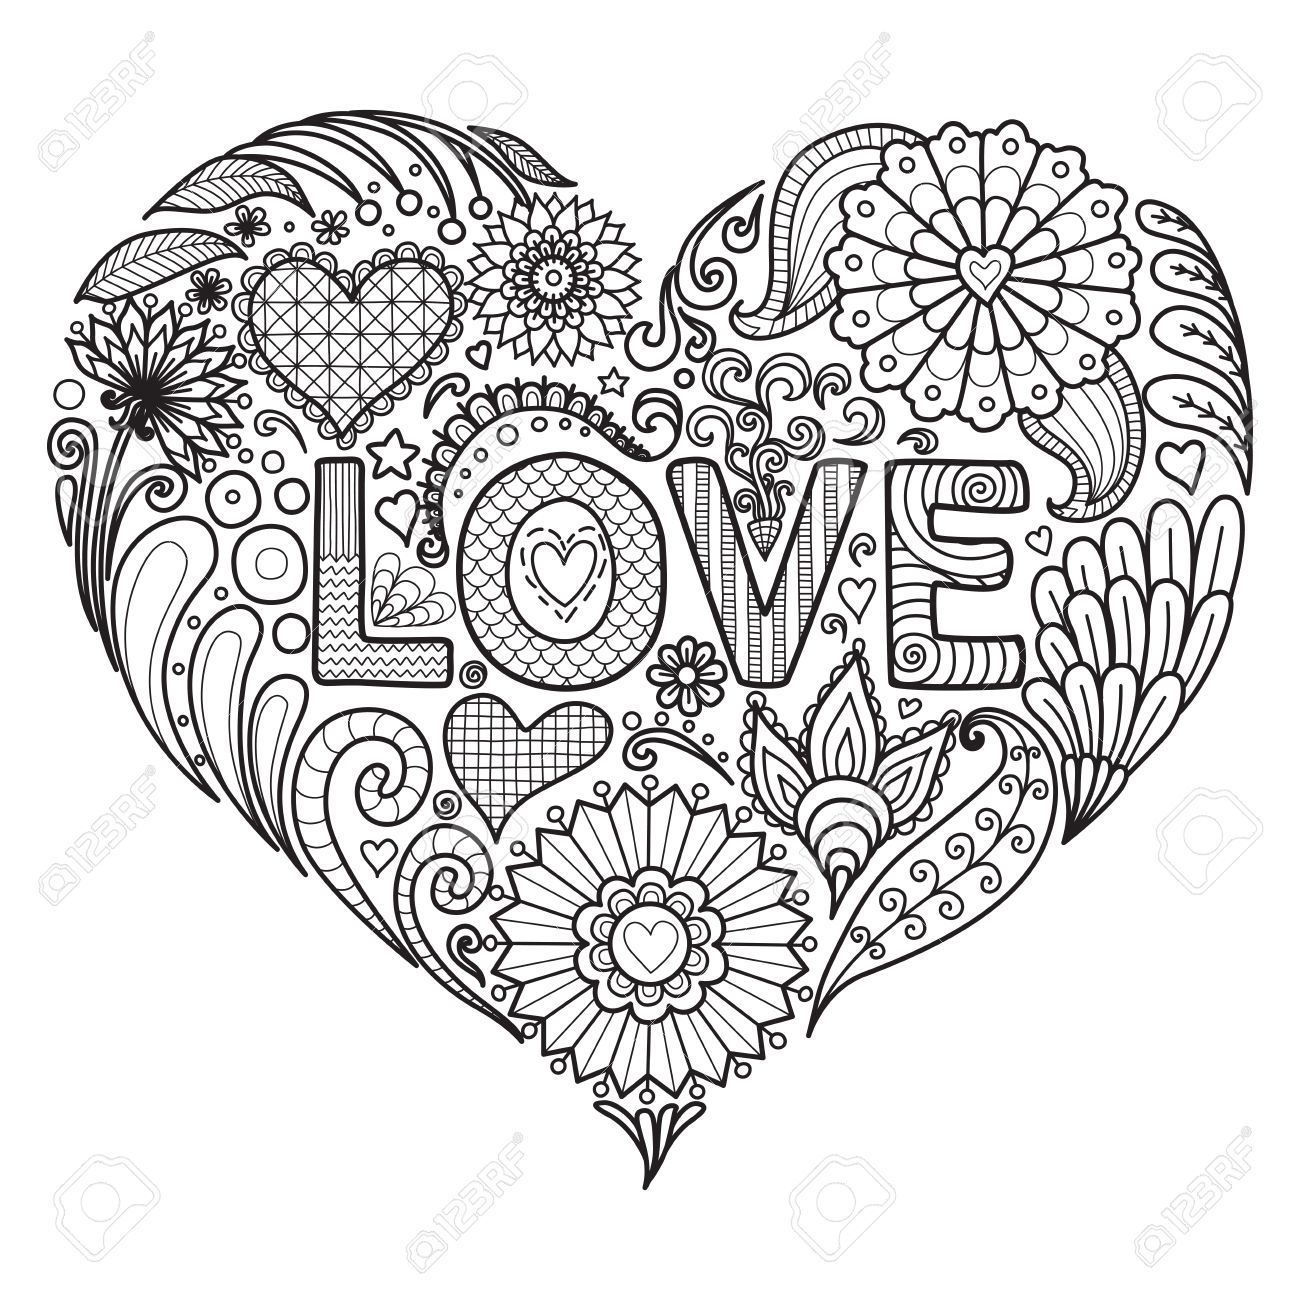 Coloriage Dun Coeur Damour.Fleurs Et Textes D Amour Dans La Conception En Forme De Coeur Pour